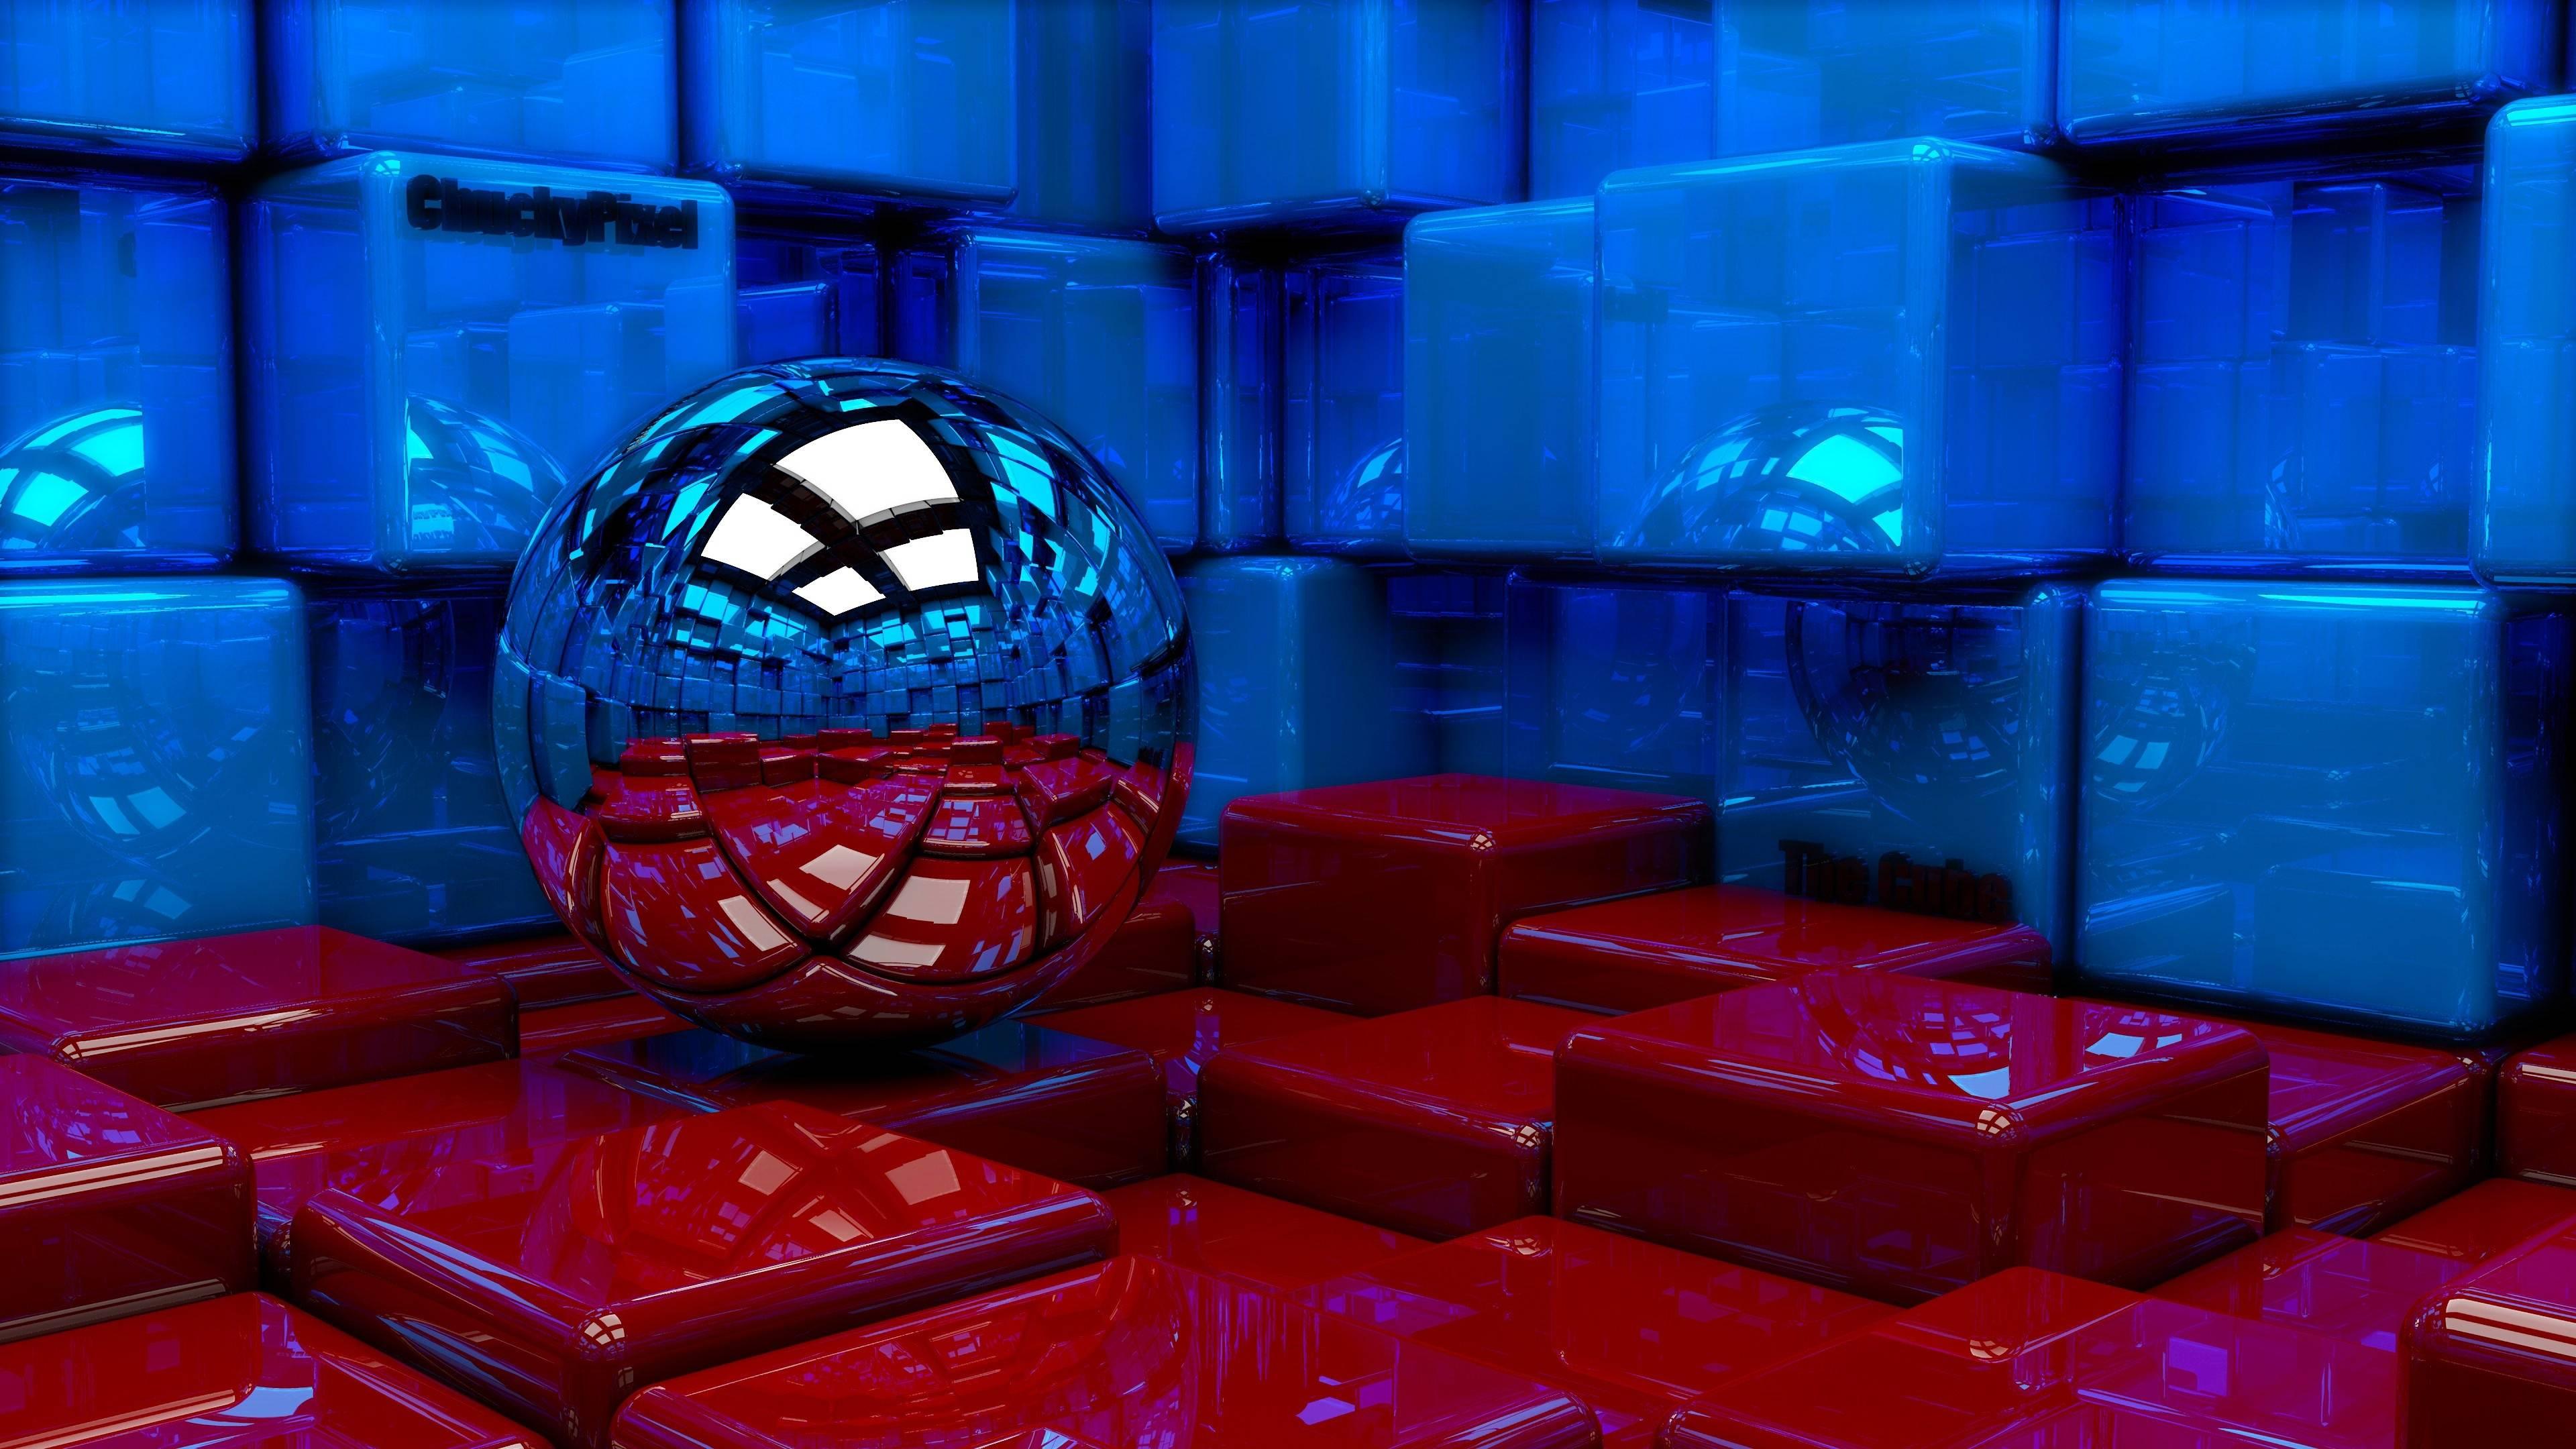 обои шар, стены, куб, красные картинки фото